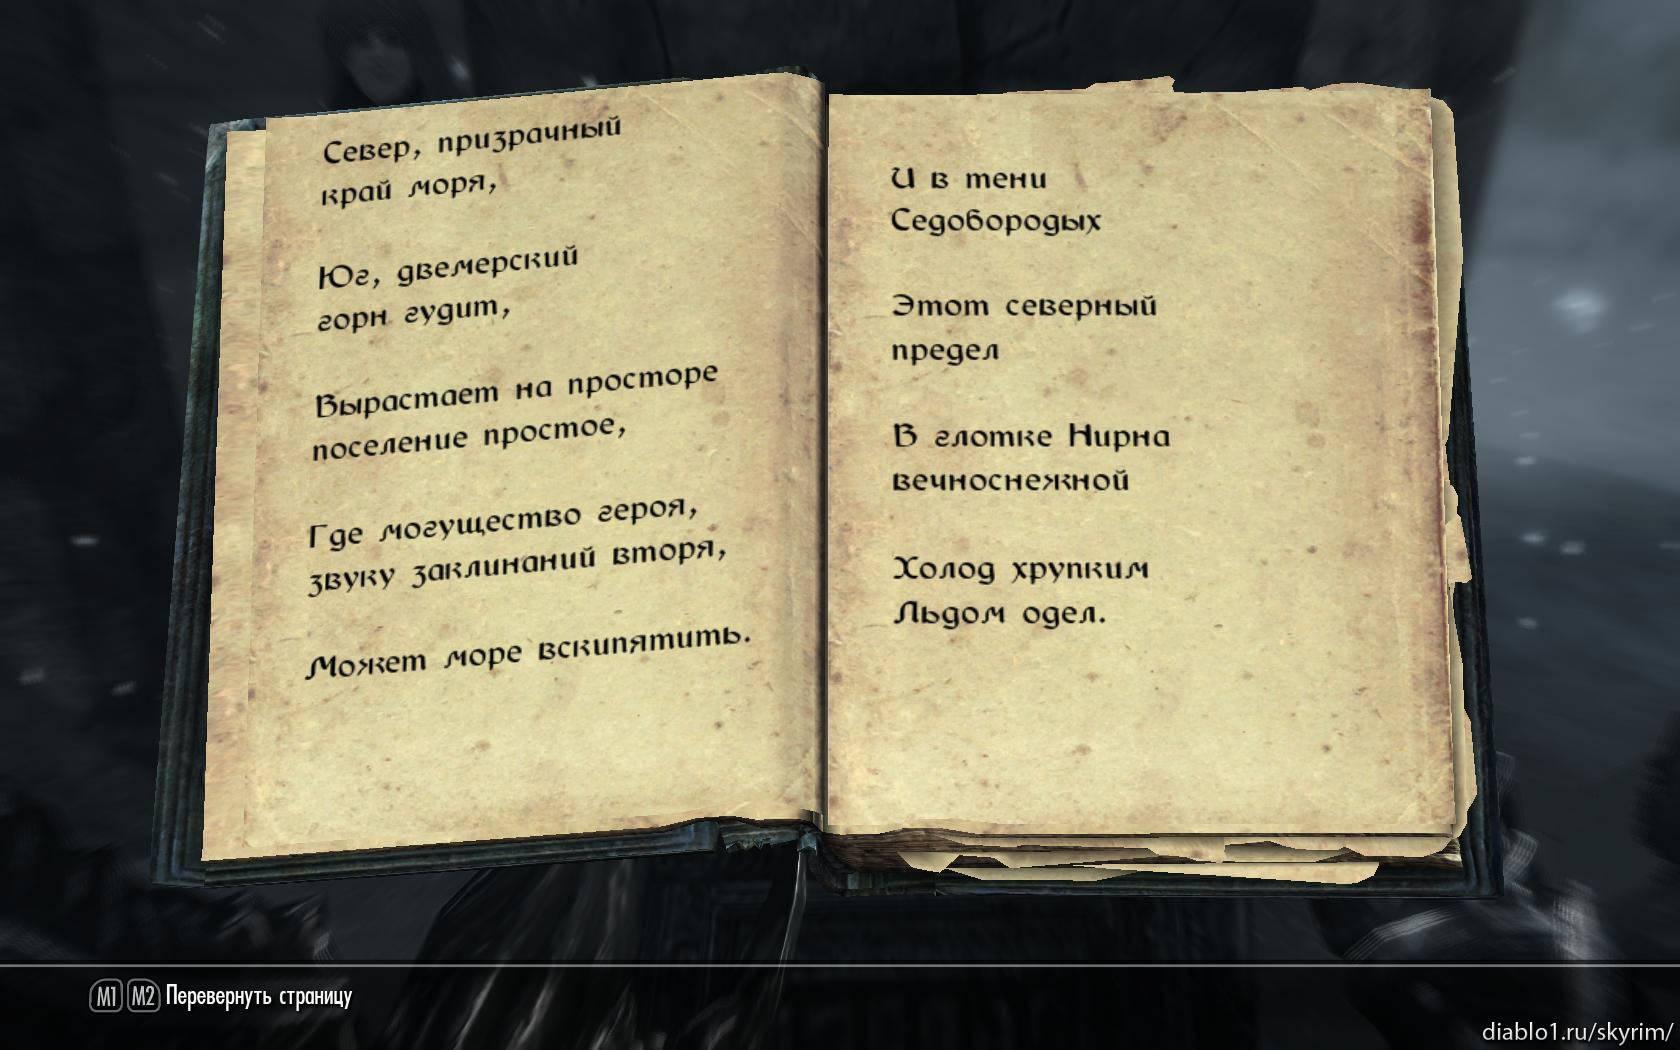 15 заклинаний из книг о гарри поттере: как их расшифровать